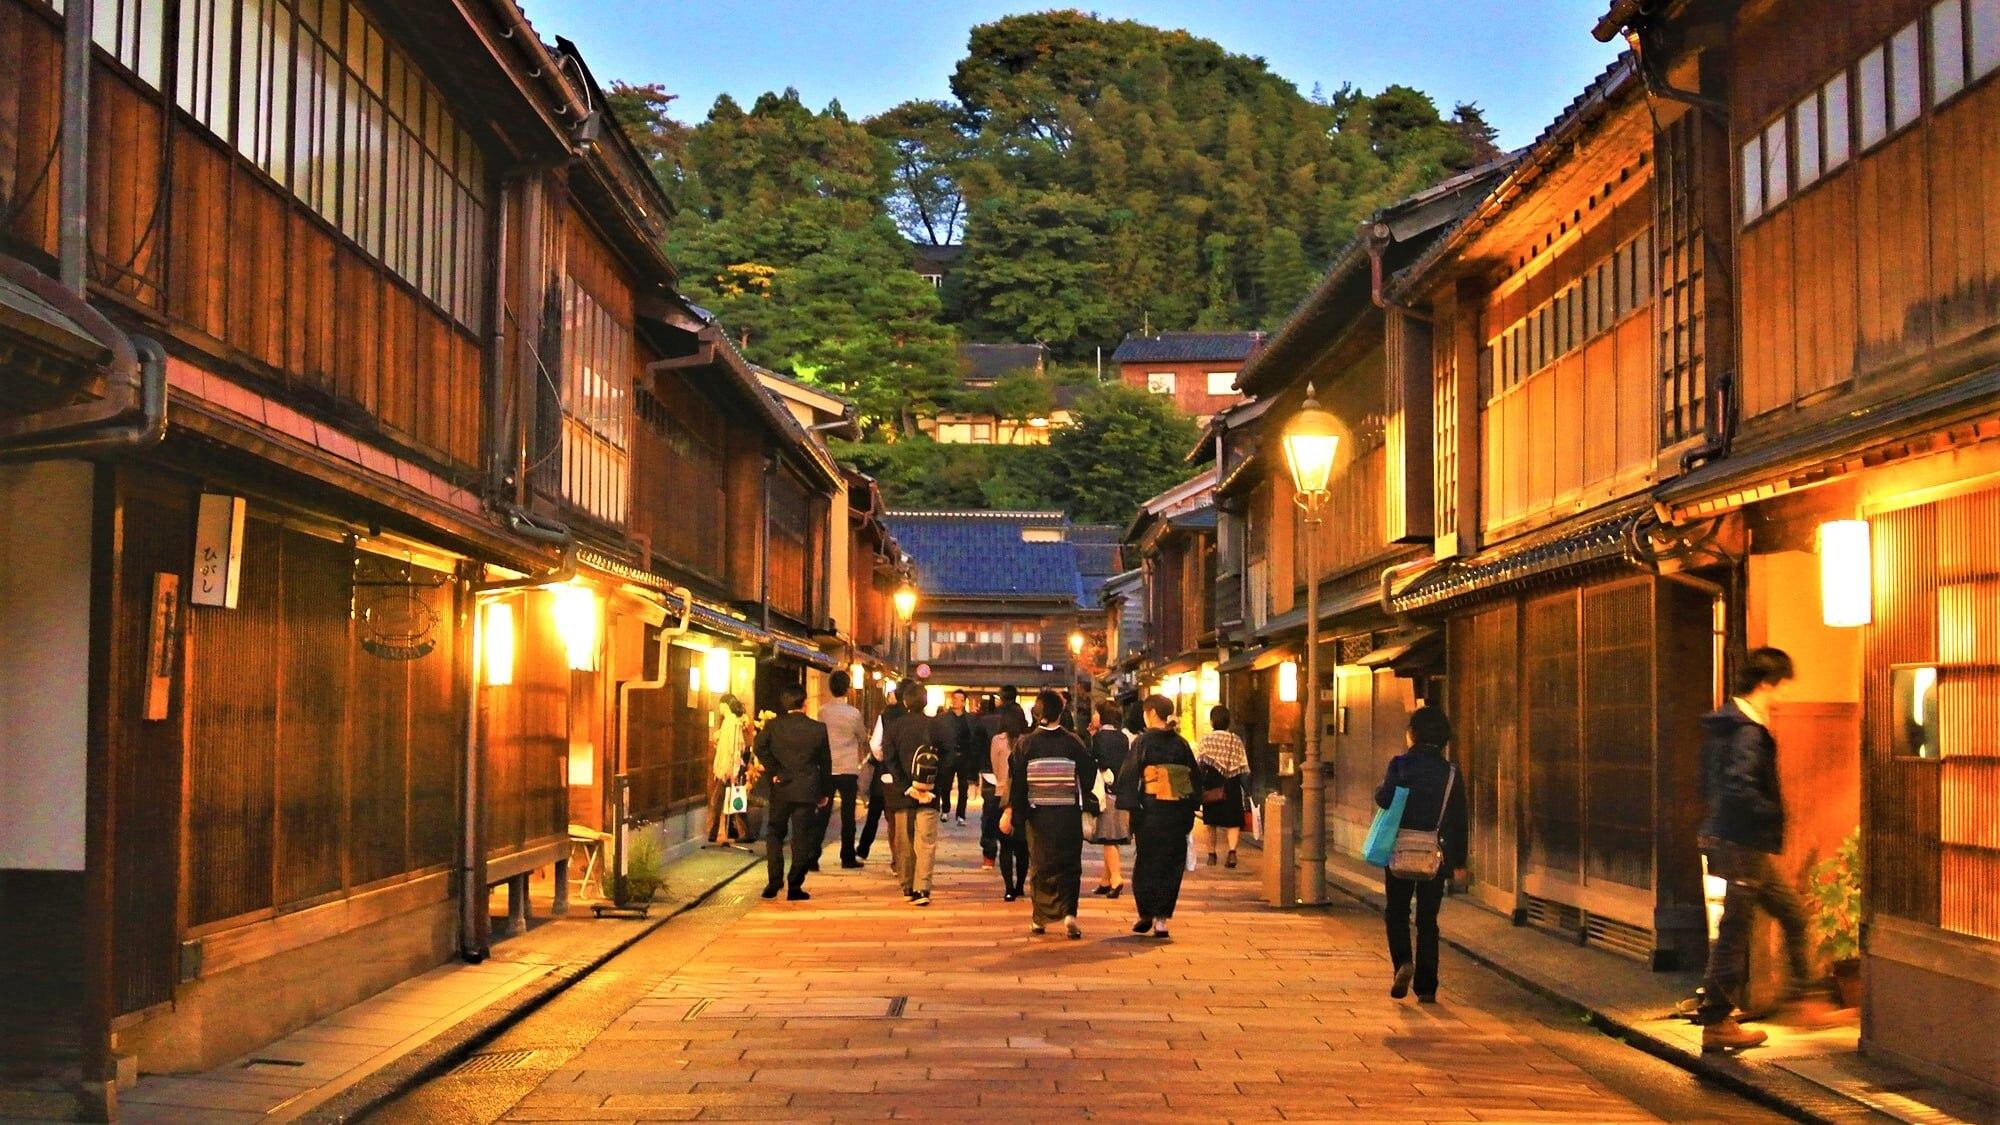 金沢のおすすめ観光スポット20選!加賀百万石が育んだ和の伝統を訪ねて